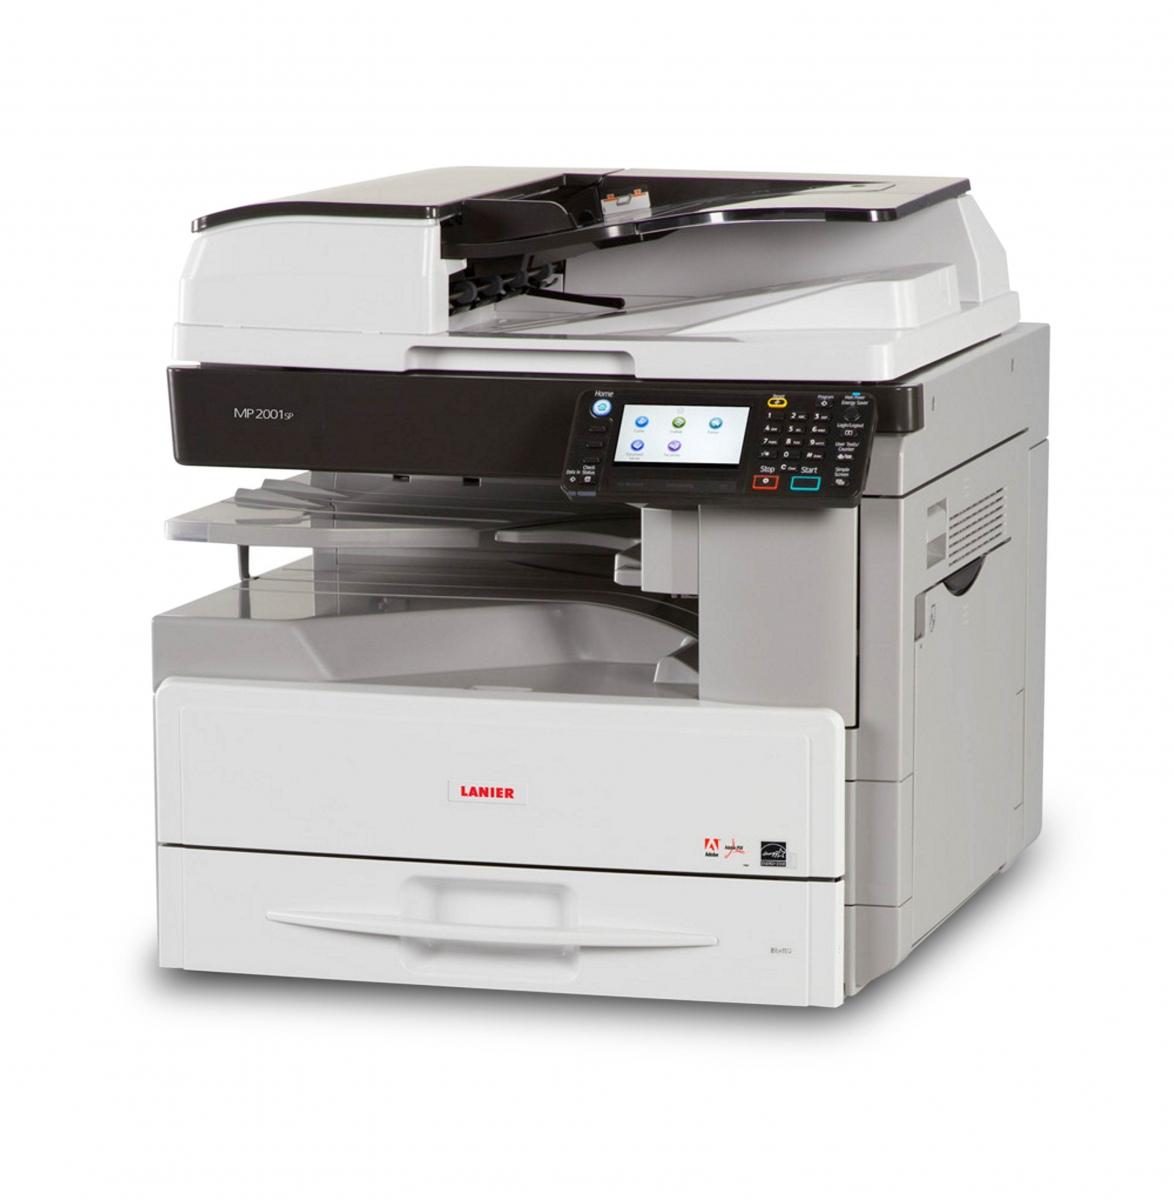 Máy photocopy Ricoh MP2001L bao gồm ARDF DF 2030